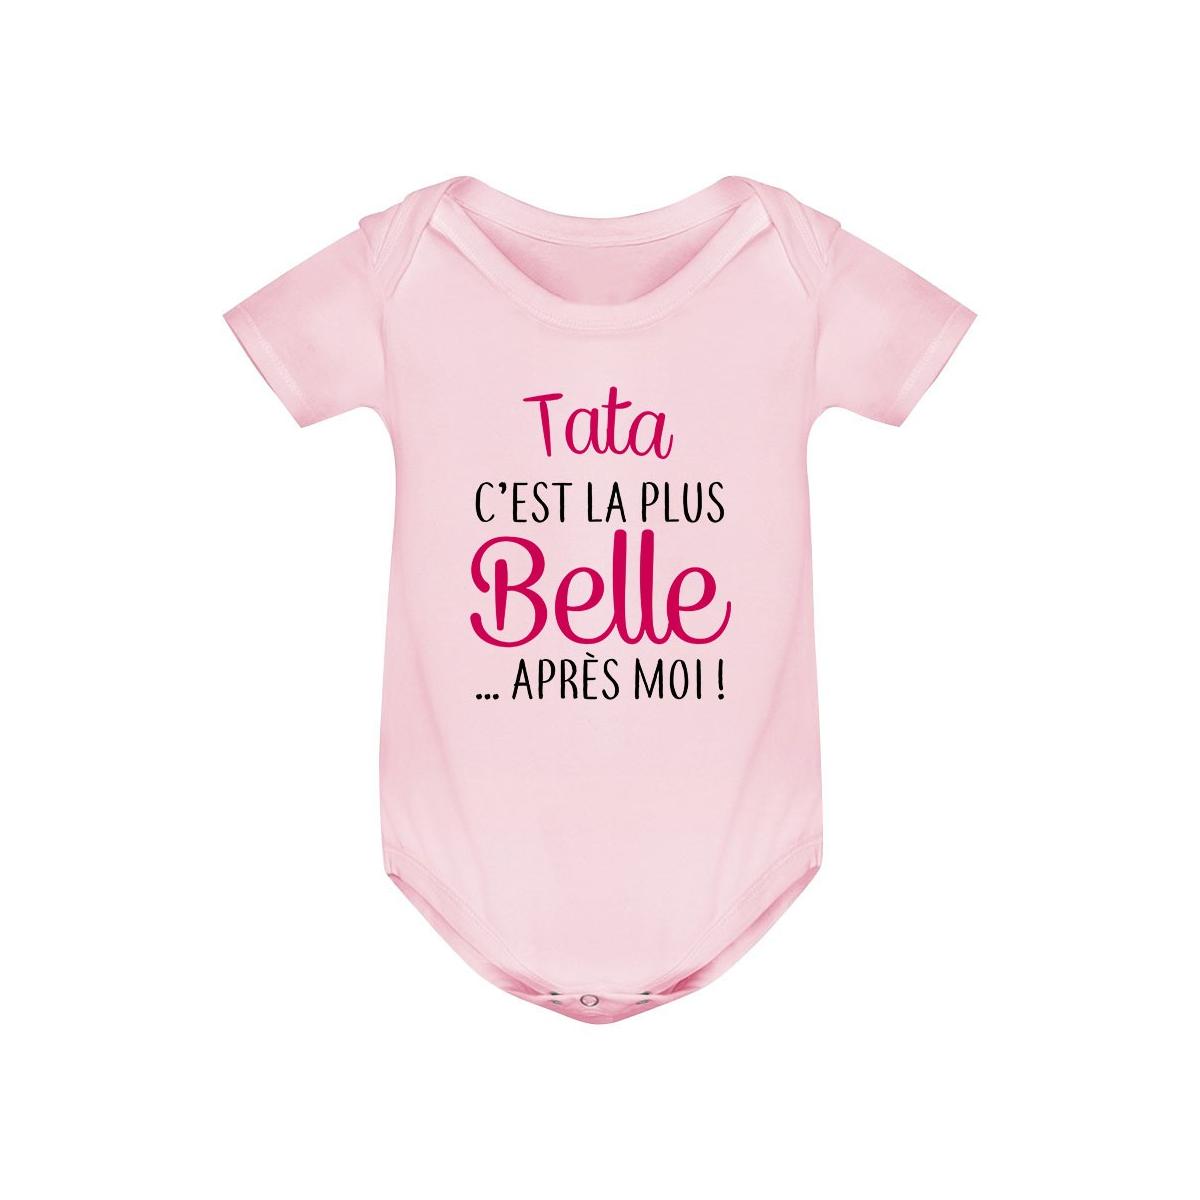 Body bébé Tata c'est la plus belle après moi